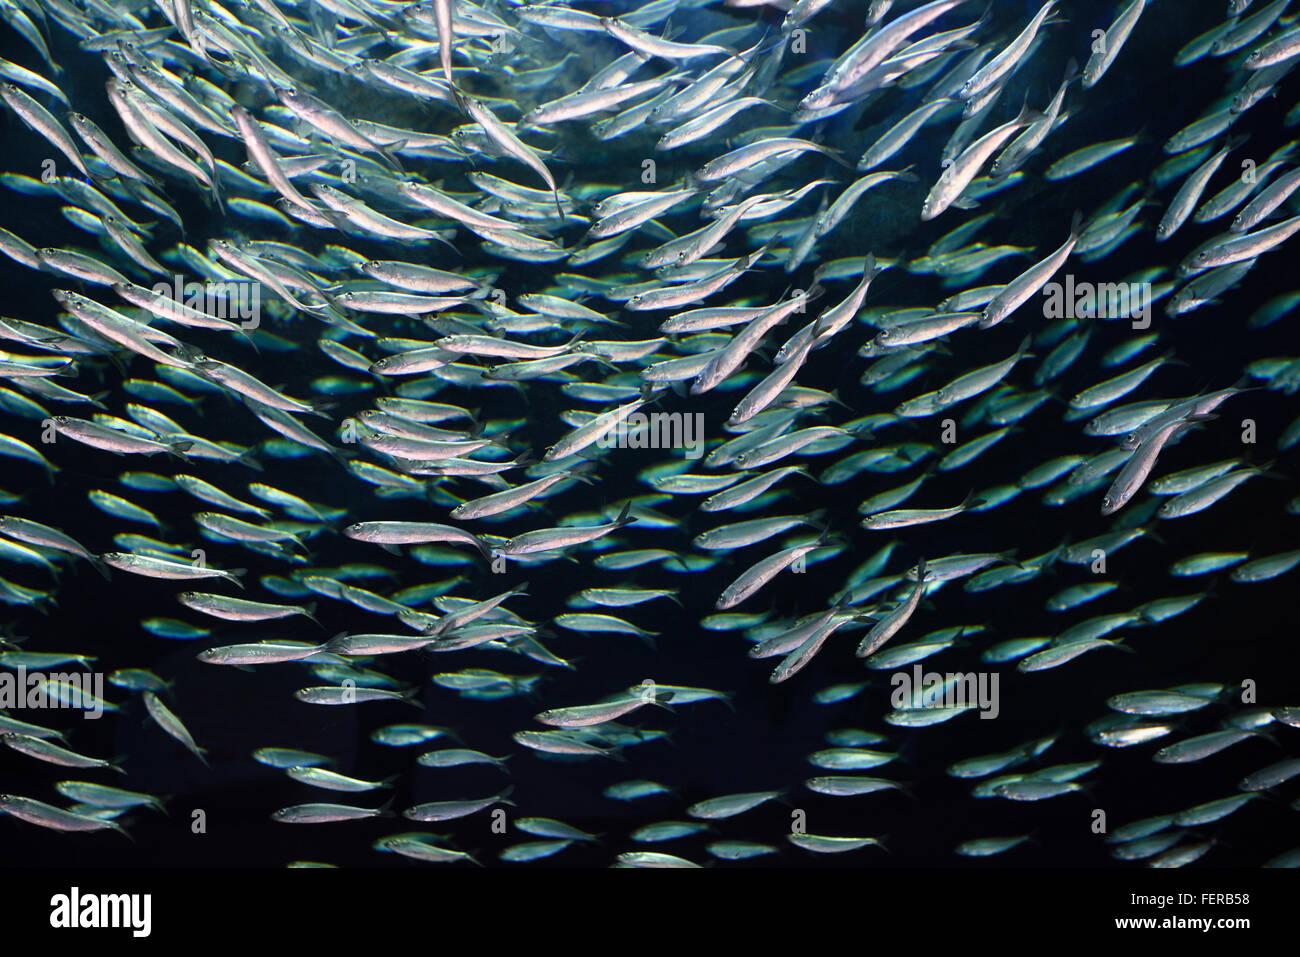 Fish in ripleys aquarium - School Of Circling Alewives Herring Fish Ripleys Aquarium Toronto